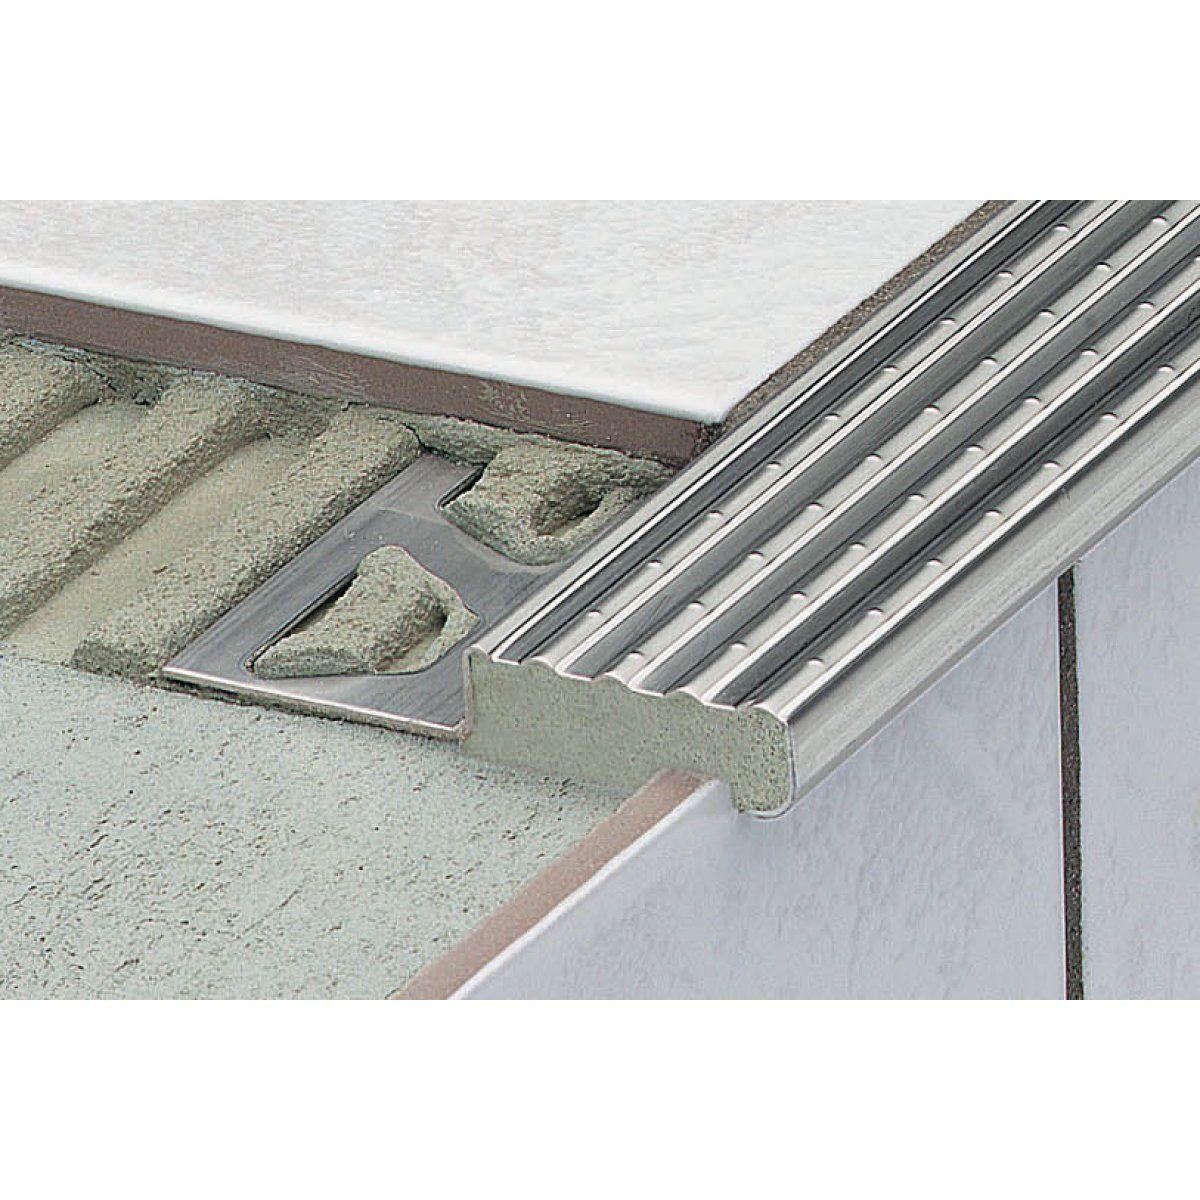 Profile De Nez De Marche Trep E Pour Escalier En Acier Inox Te110 Longueur 2 50m Schluter Schluter Systems Nez De Marche Escaliers En Acier Escalier Carrele